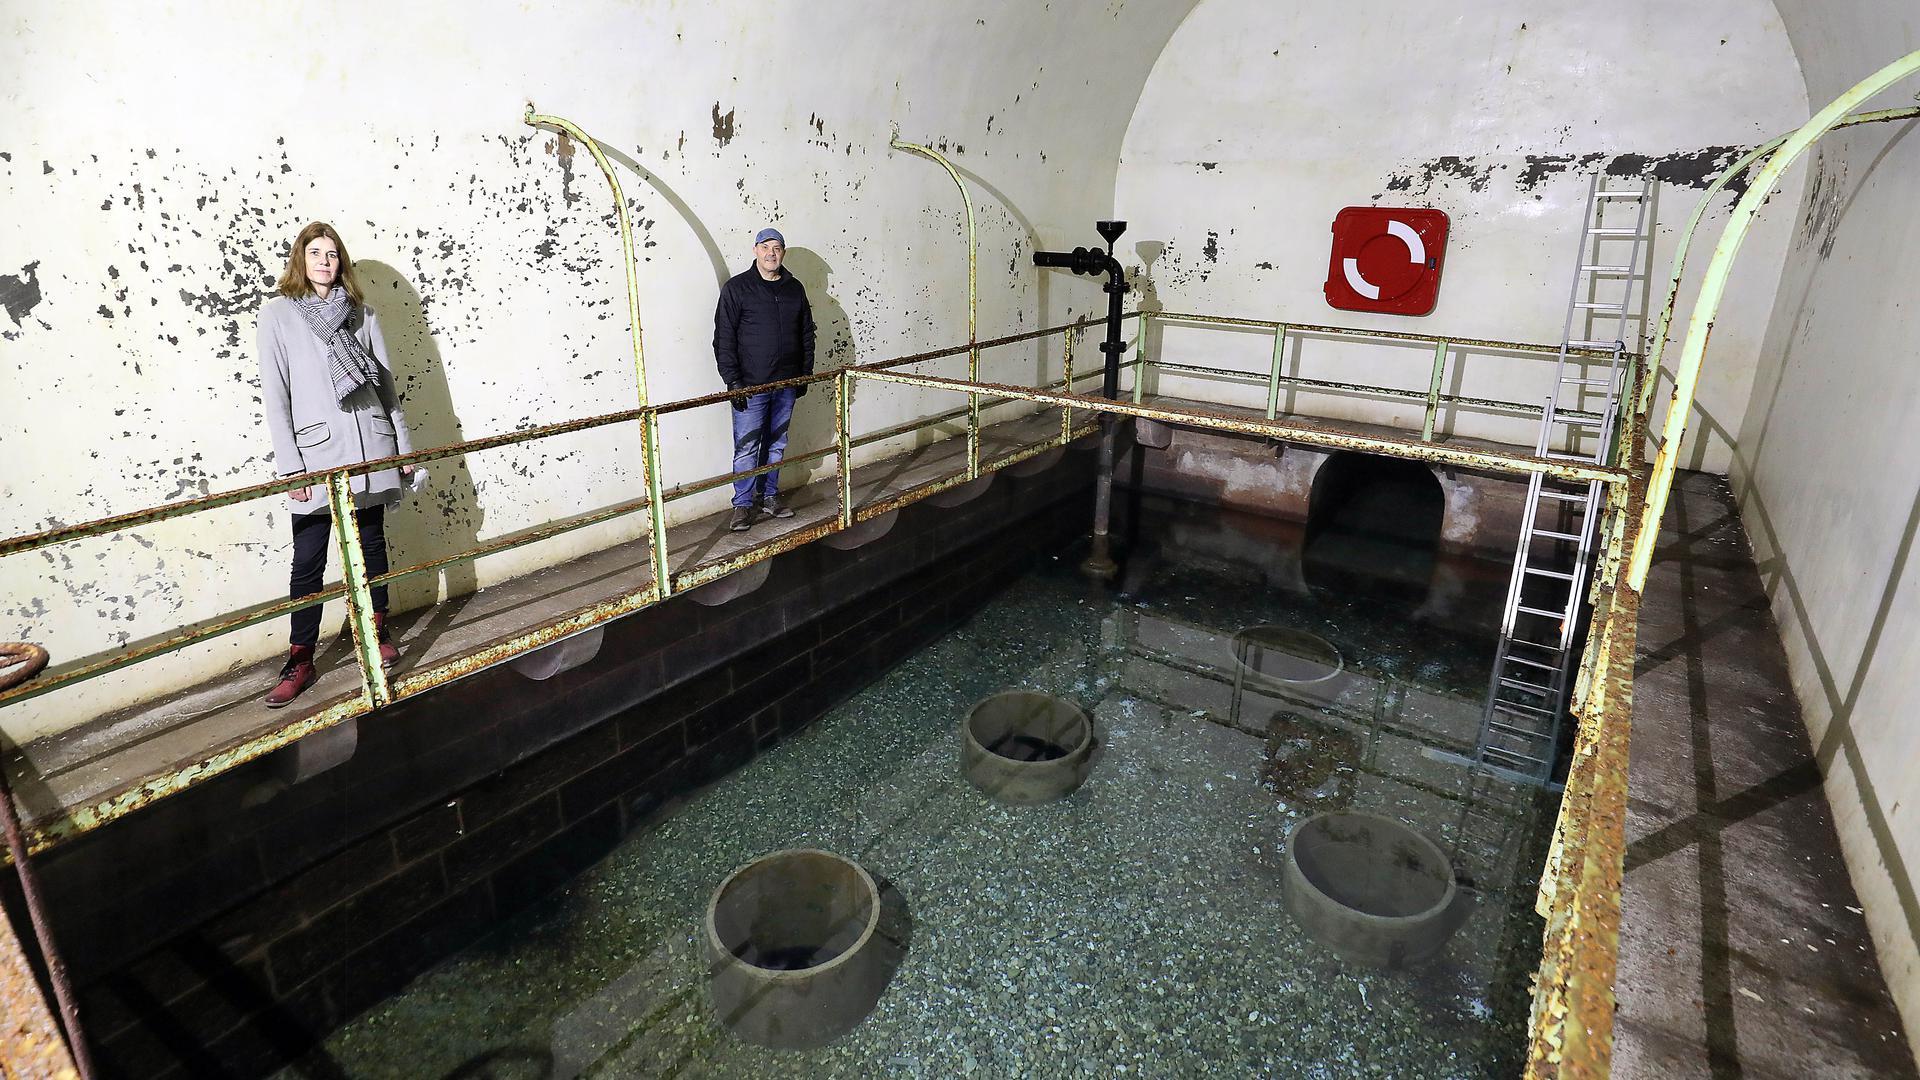 Im sanierungsbedürftigen Brunnenhaus von Weinbrenner in Durlach stehen die Architektin Heike Ebert, Projektleiterin für die Sanierung, und der Leiter der Abteilung Hochbau im Stadtamt Durlach, Thomas Dueck.